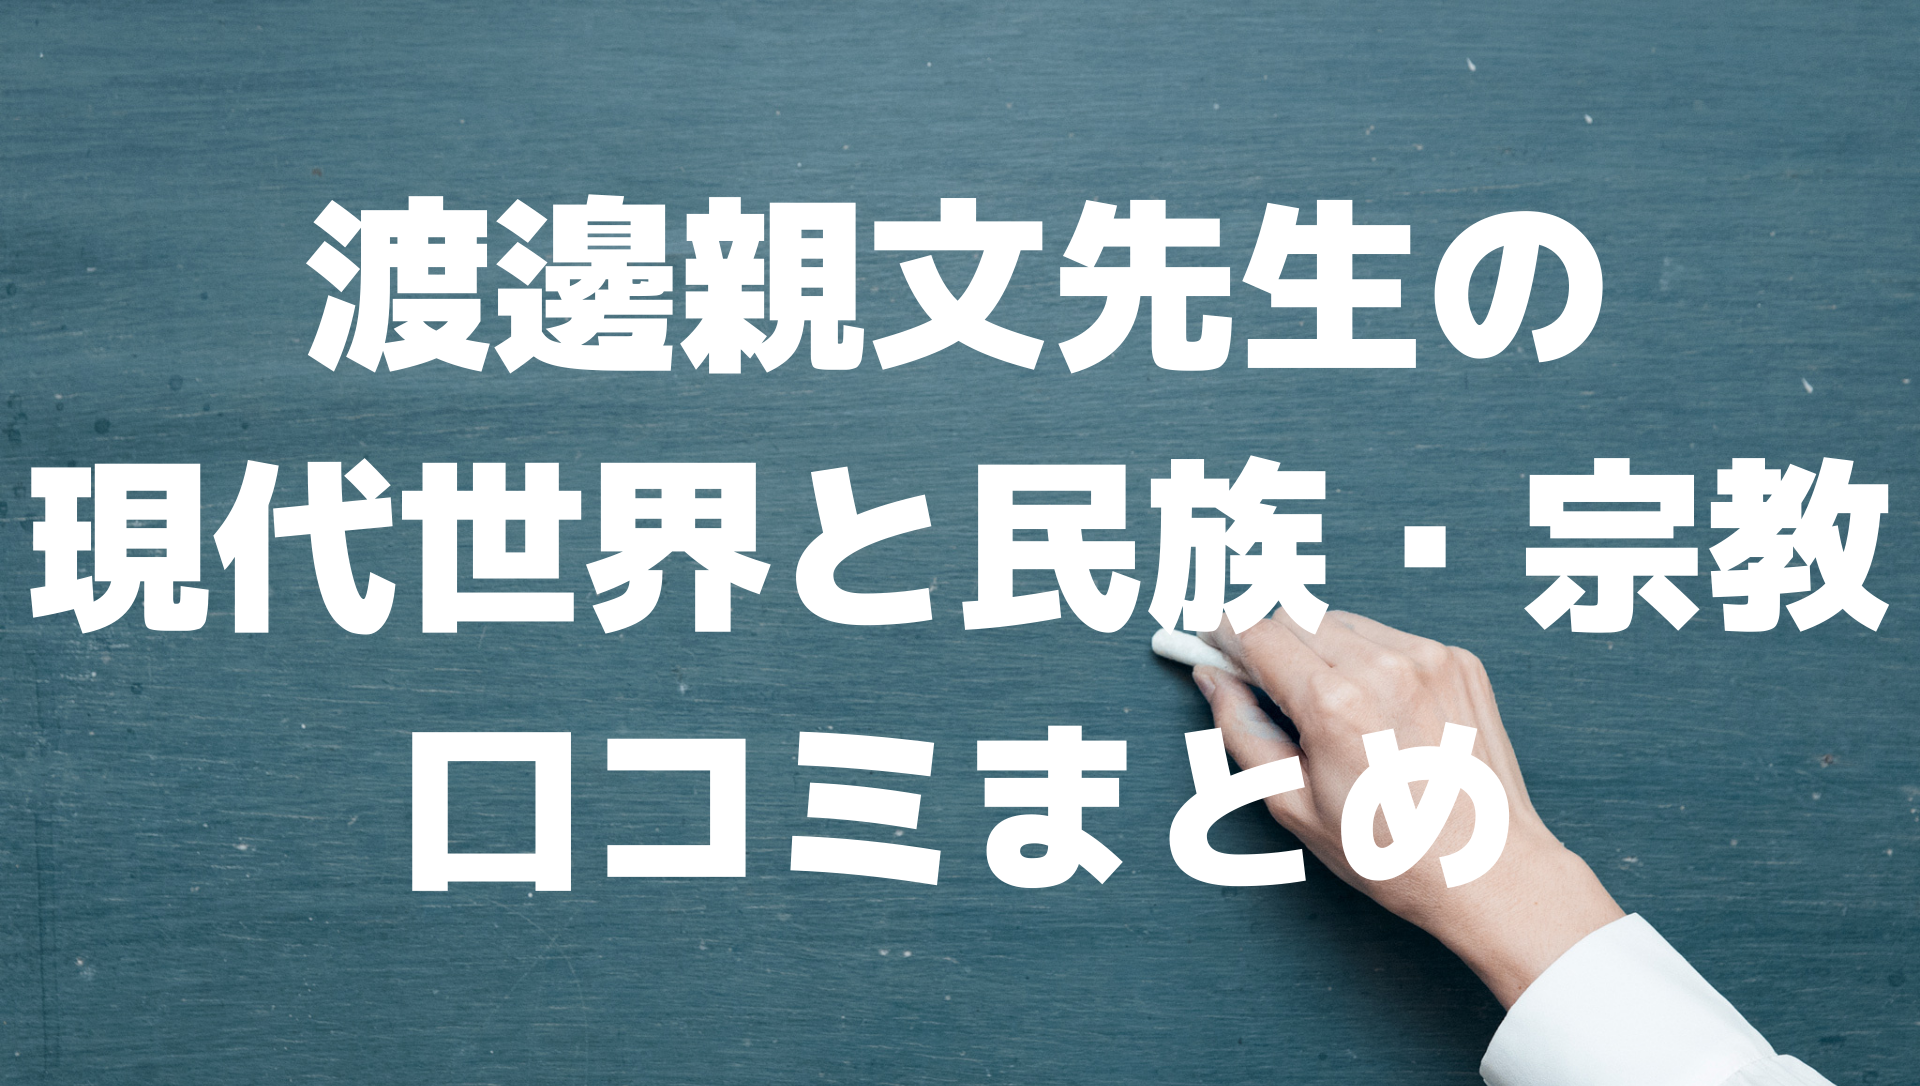 渡邊親文先生の現代世界と民族・宗教